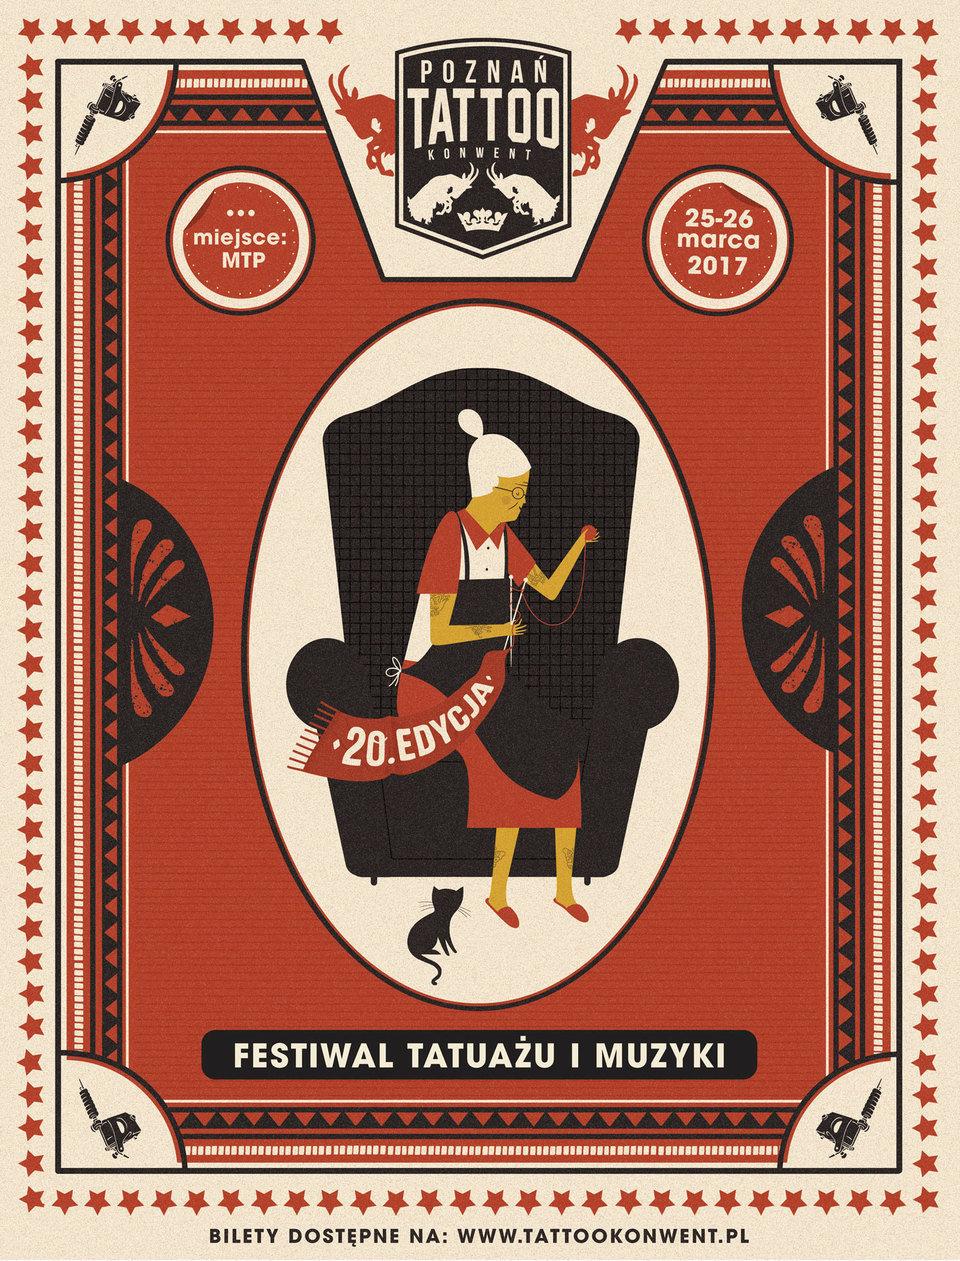 Poznań Tattoo Konwent 2017, Dawid Ryski